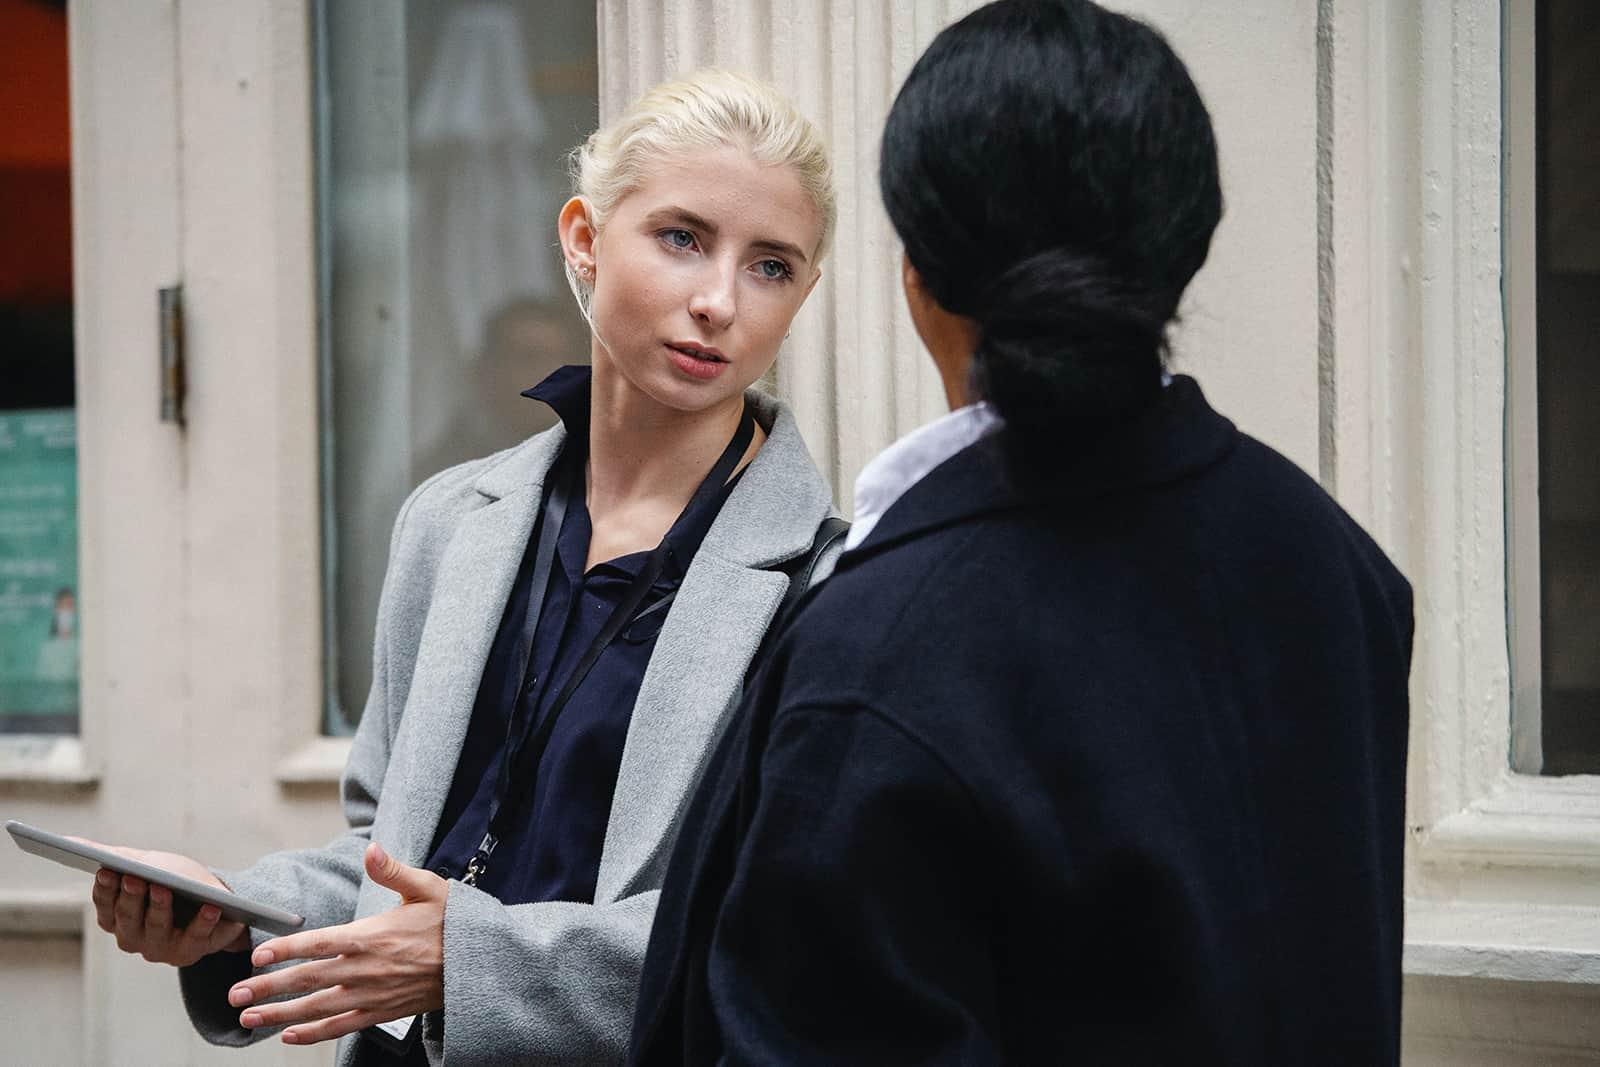 Une femme sérieuse parlant avec son collègue tout en se tenant dehors ensemble